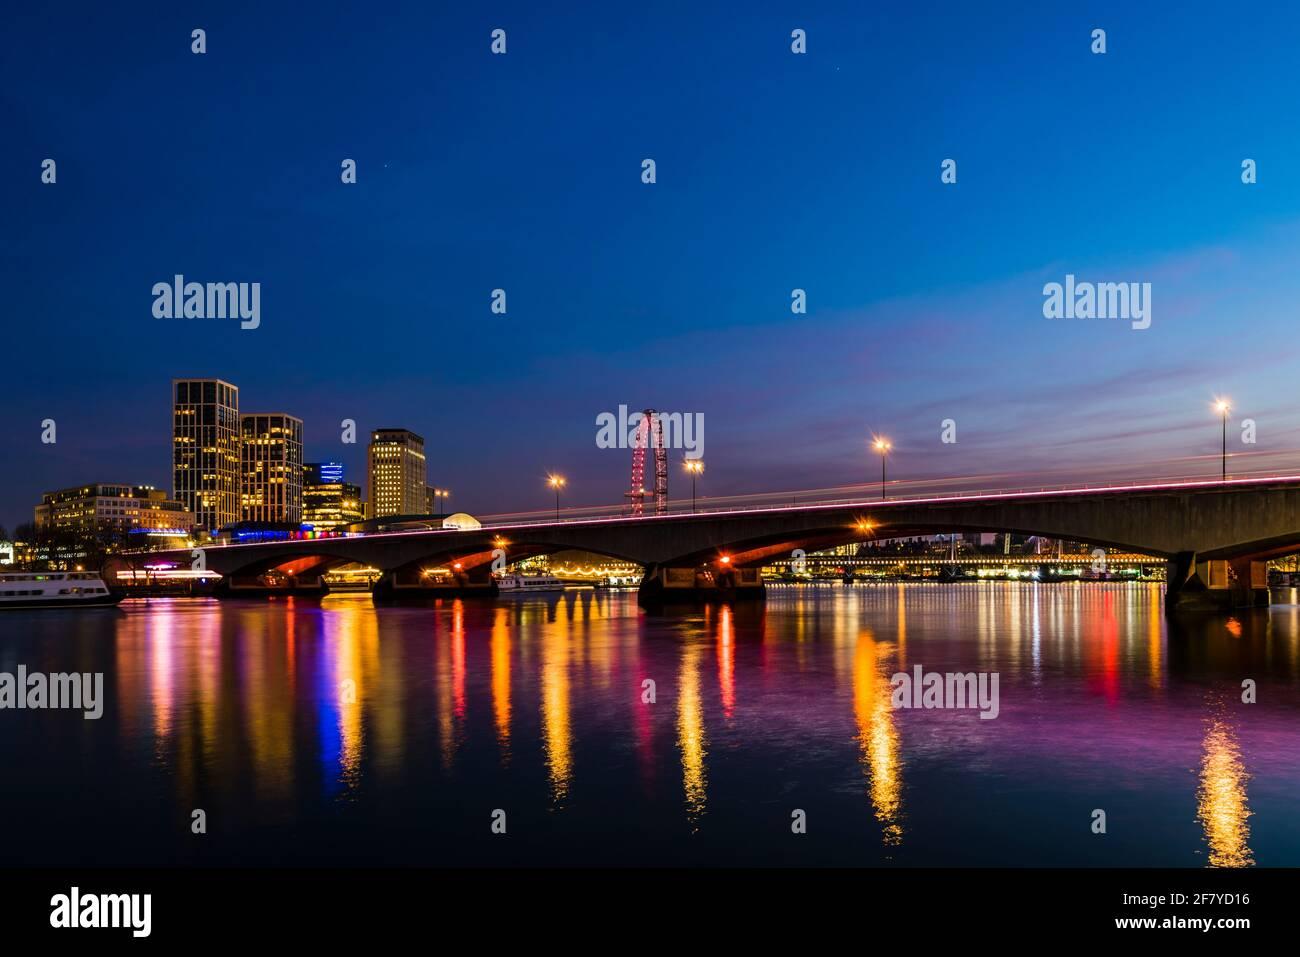 Vista al atardecer de las luces del Waterloo Bridge sobre el río Támesis, Londres, Reino Unido Foto de stock